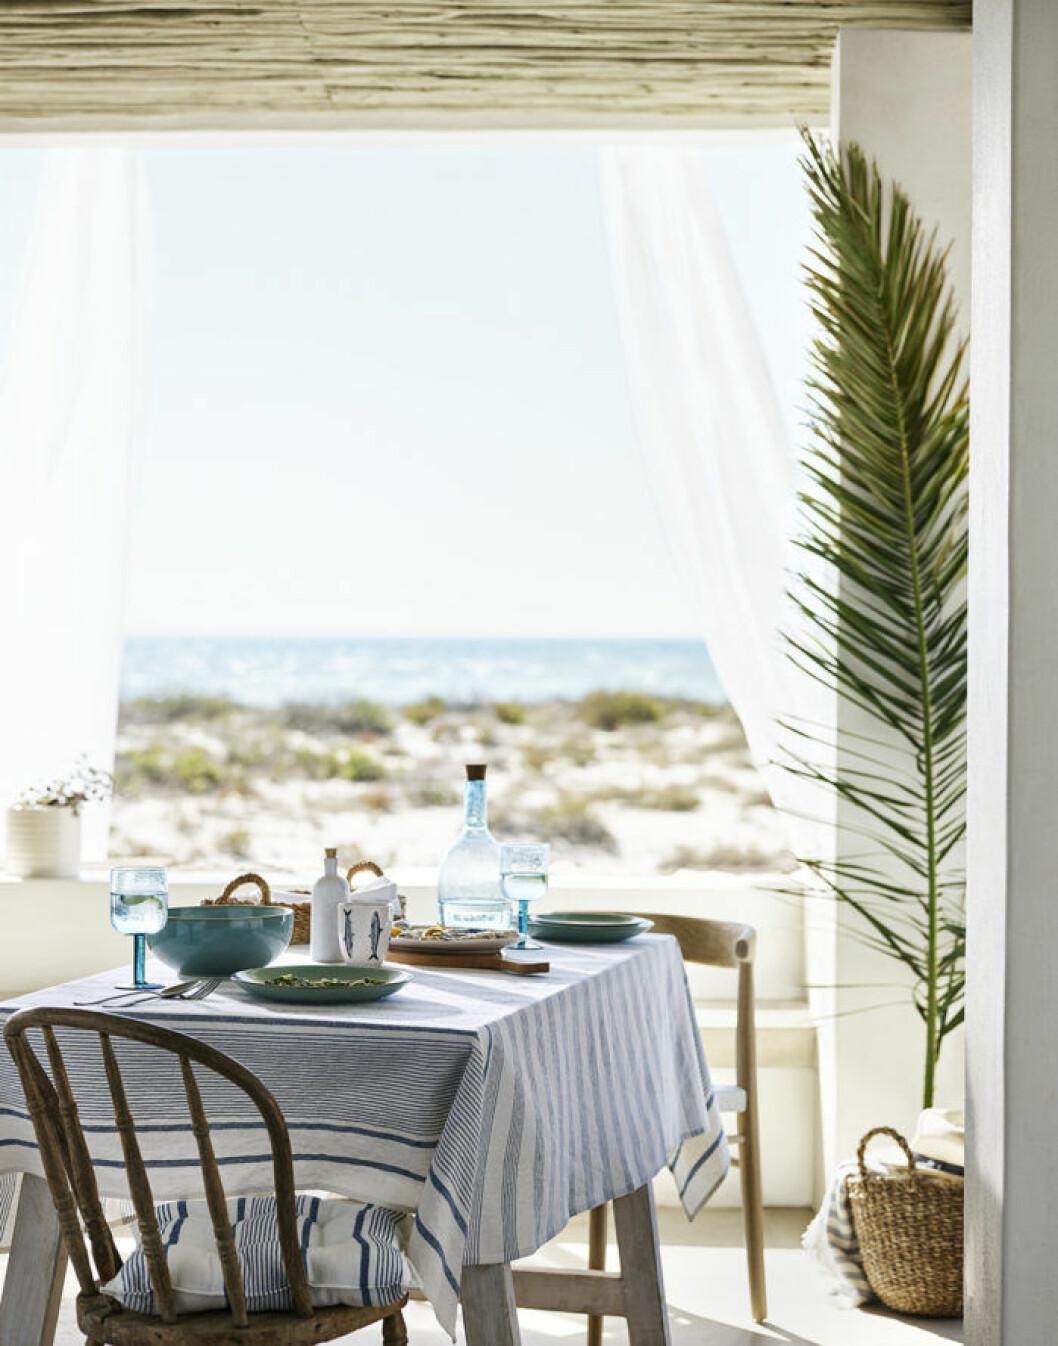 Matbord med blåvitrandig duk. H&M Home sommaren 2018.